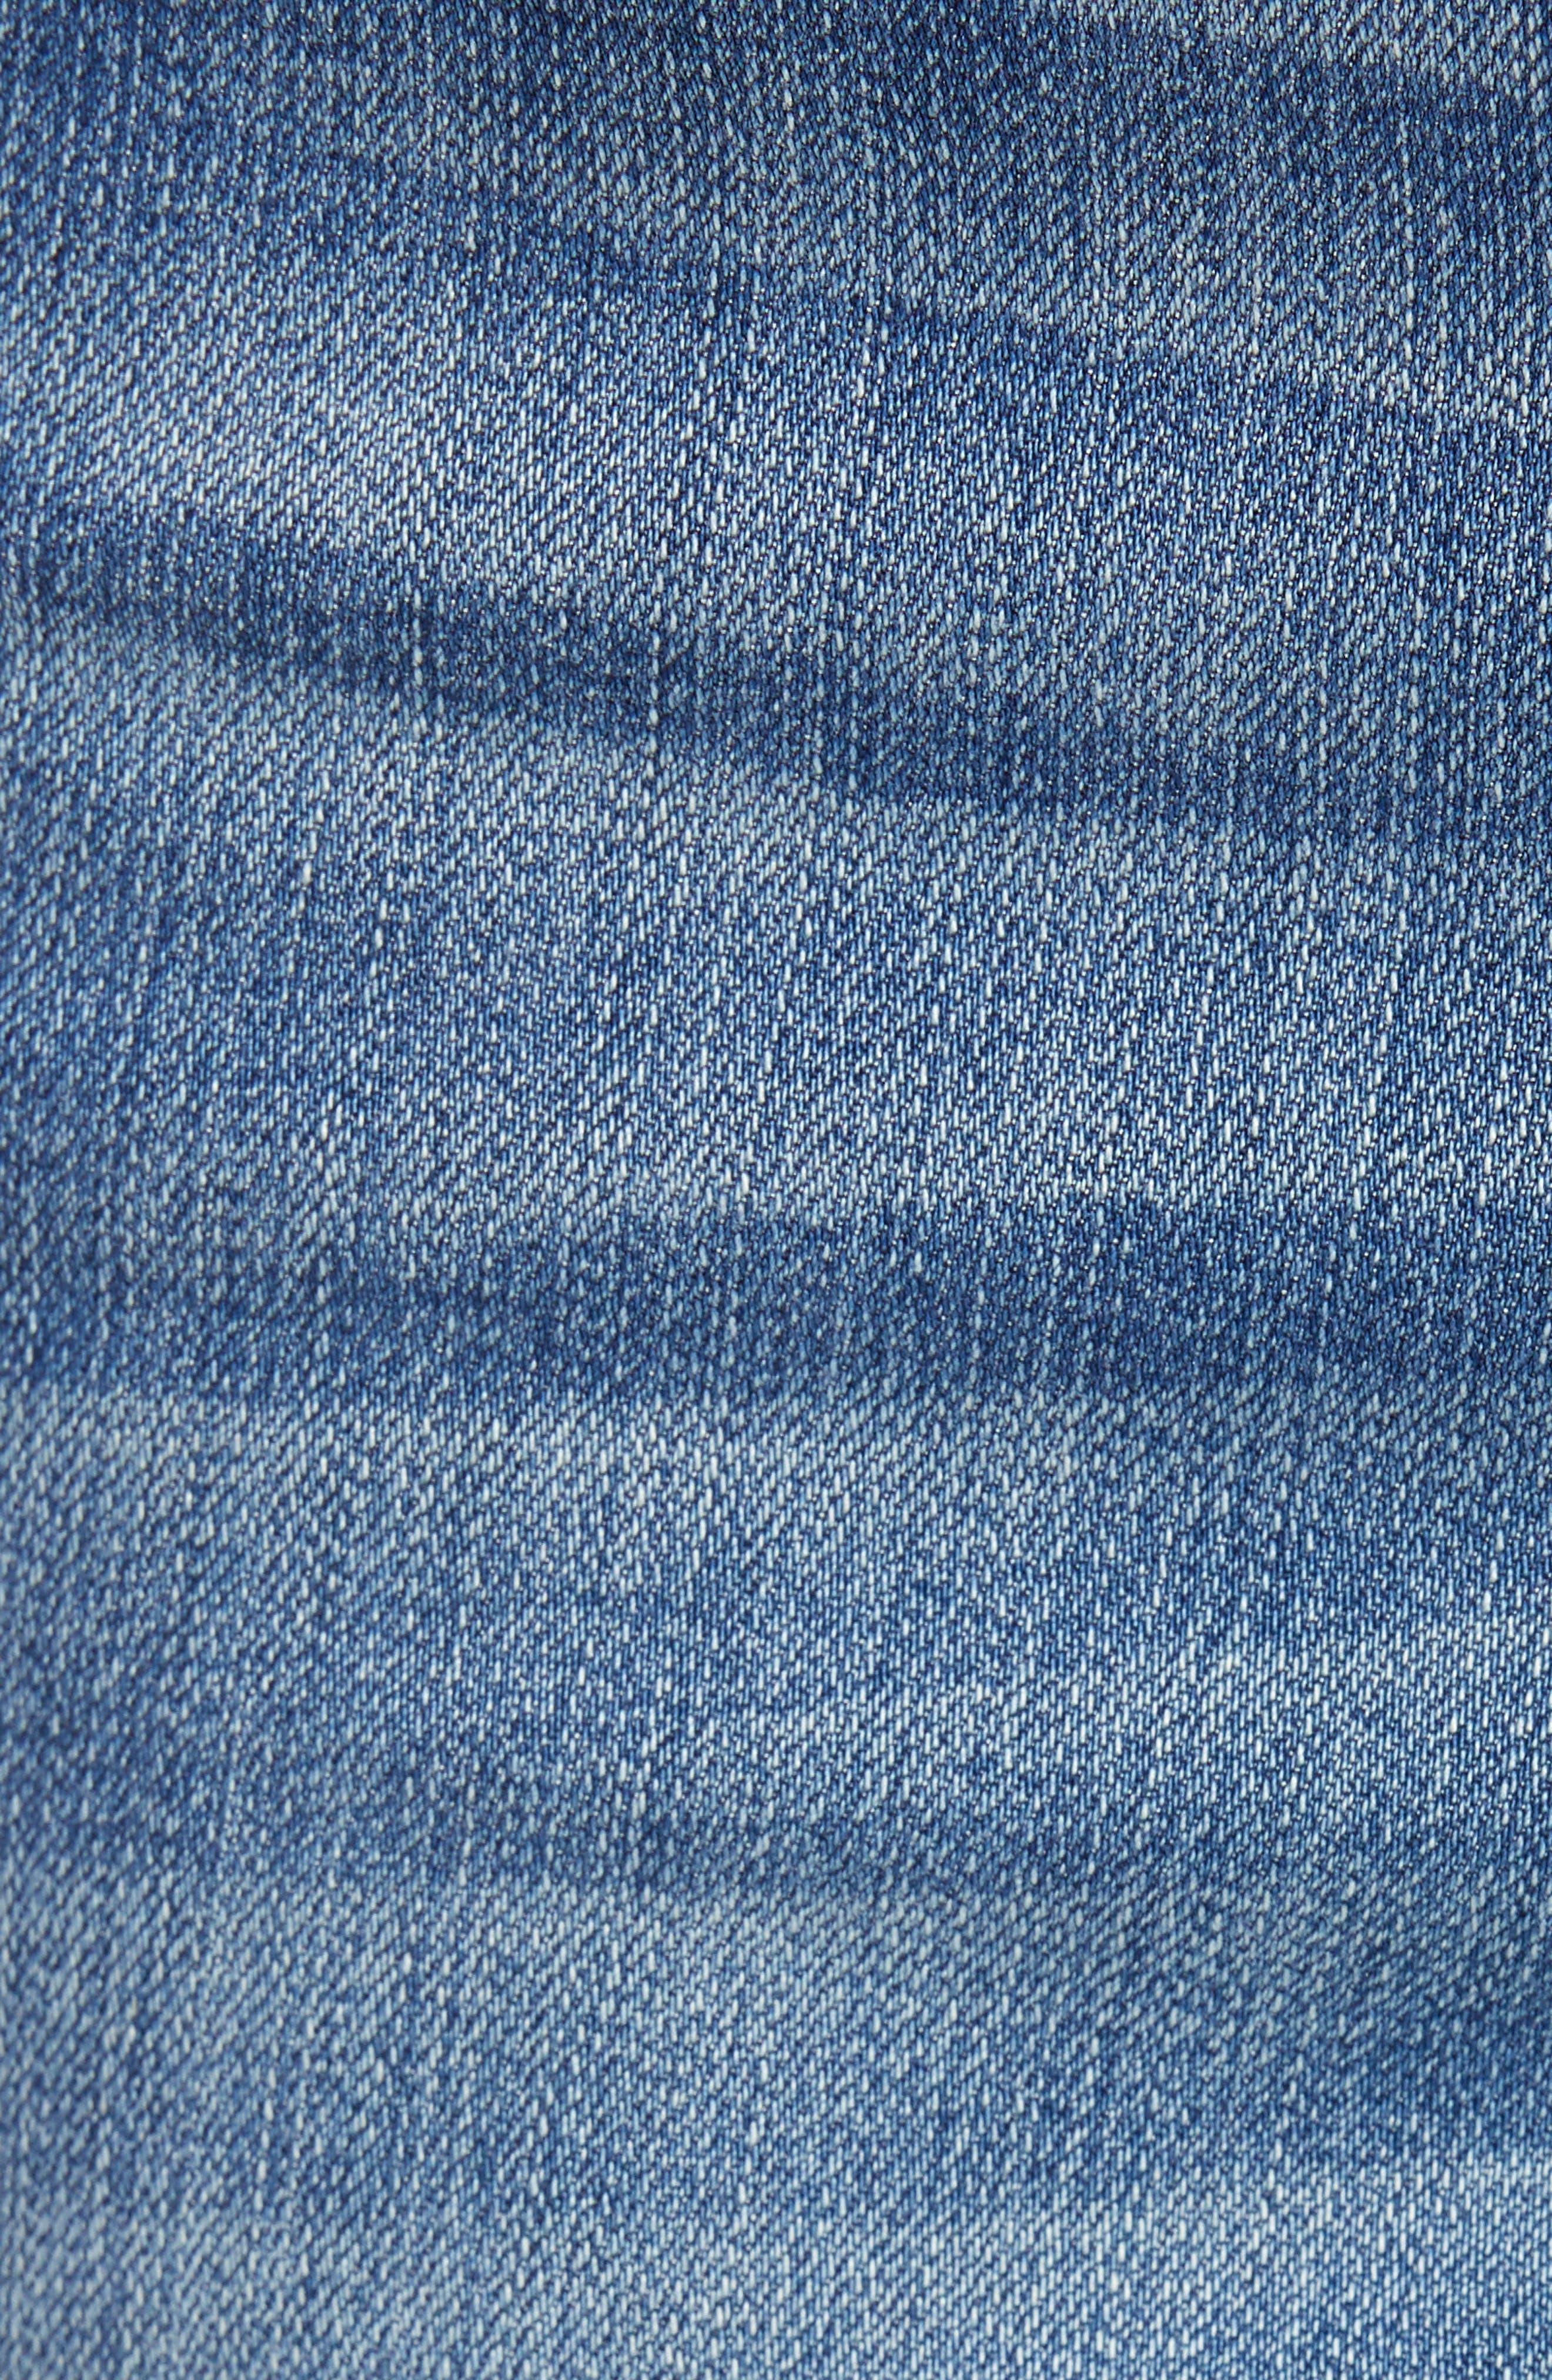 Ankle Straight Leg Jeans,                             Alternate thumbnail 6, color,                             KORN LIGHT WASH